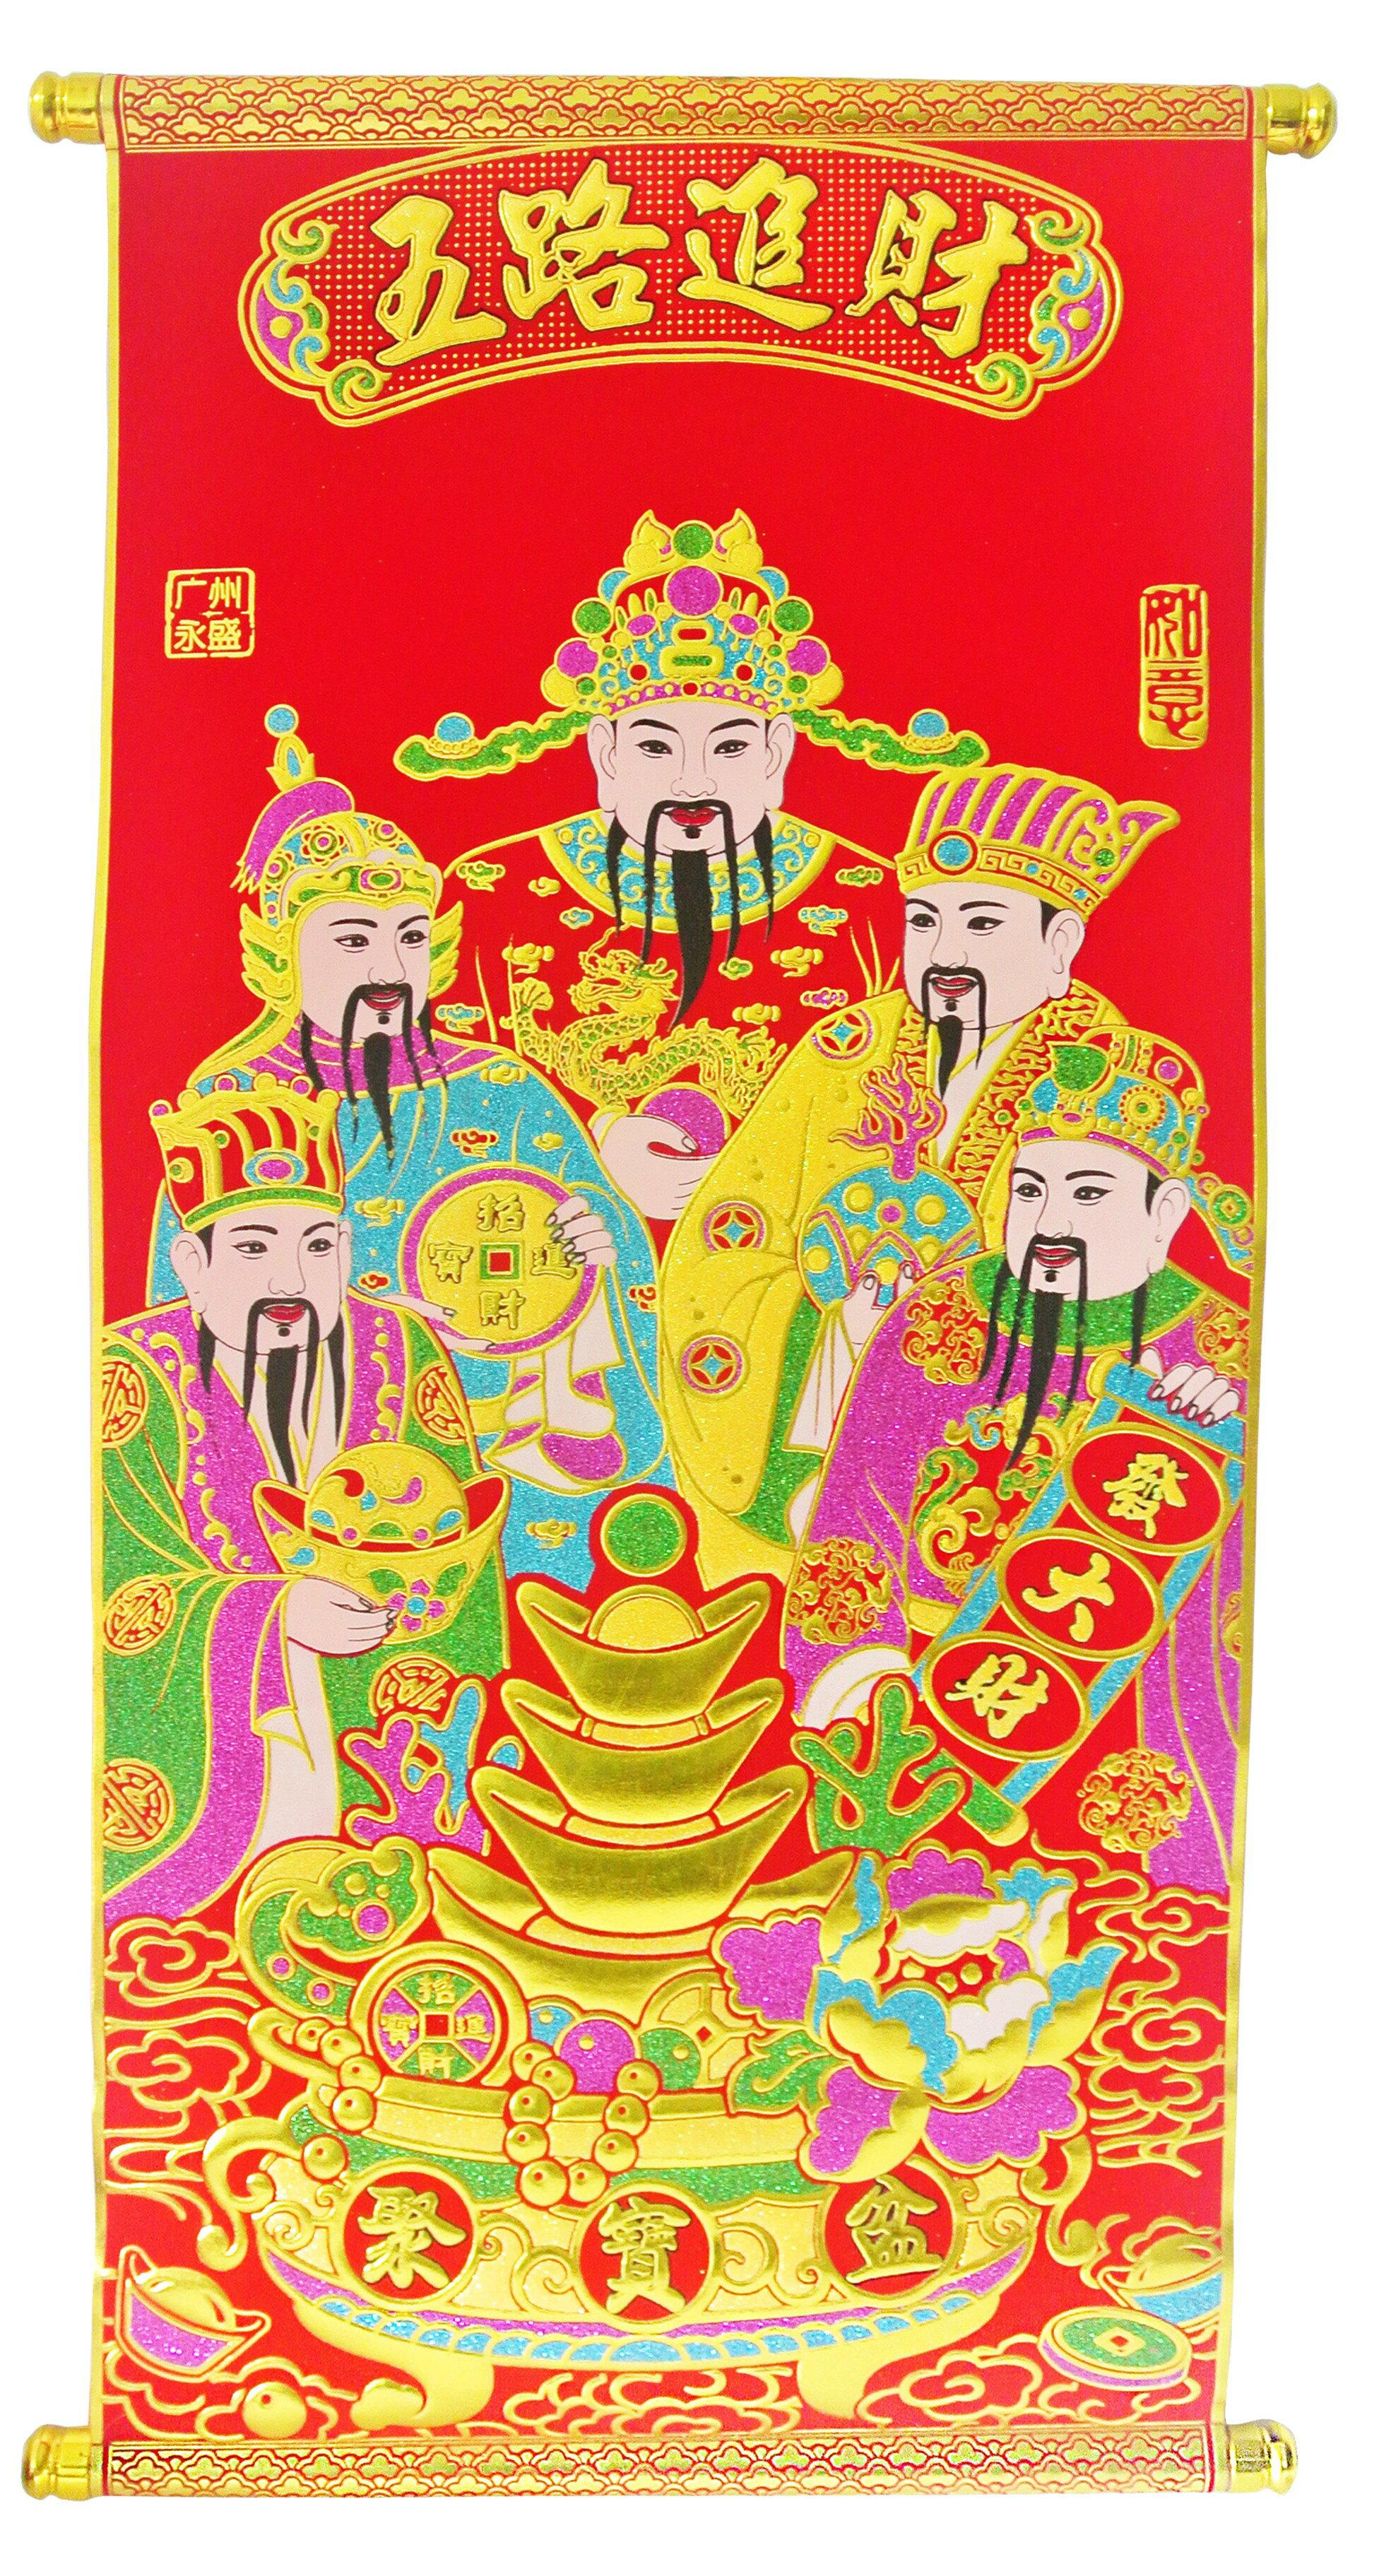 X射線【Z717840】彩金大掛軸-五路財神,春節/過年佈置/雞年/掛飾/元寶/吊飾